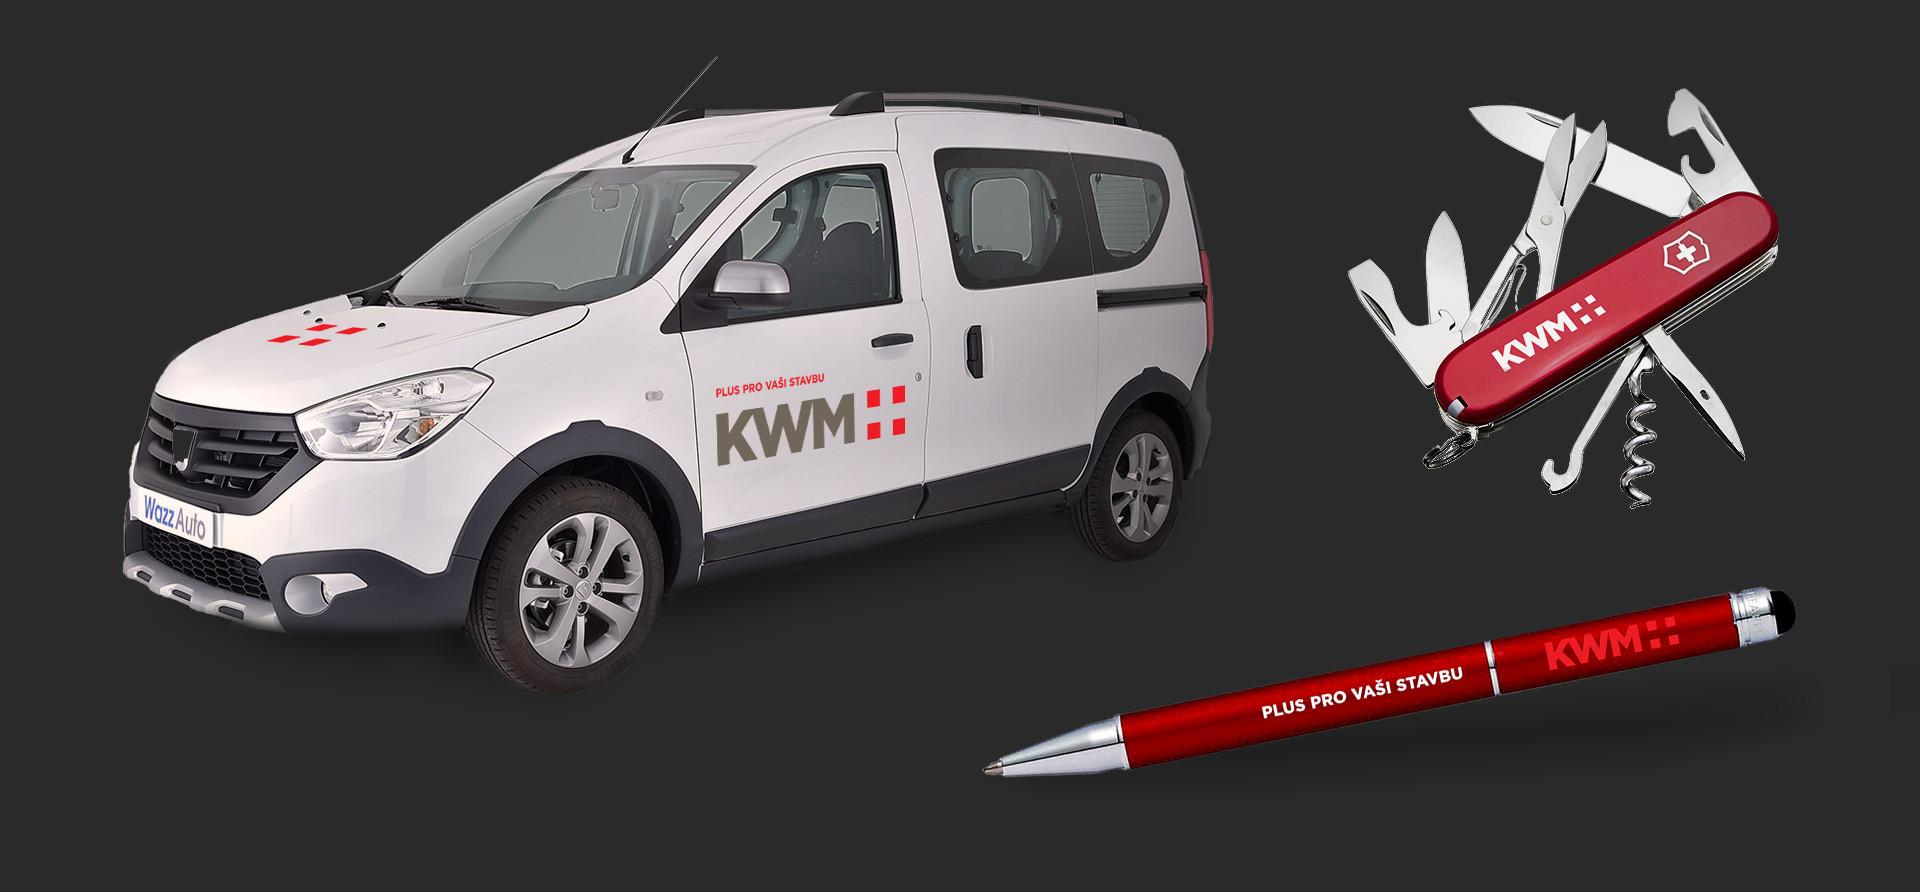 KWM plus branding